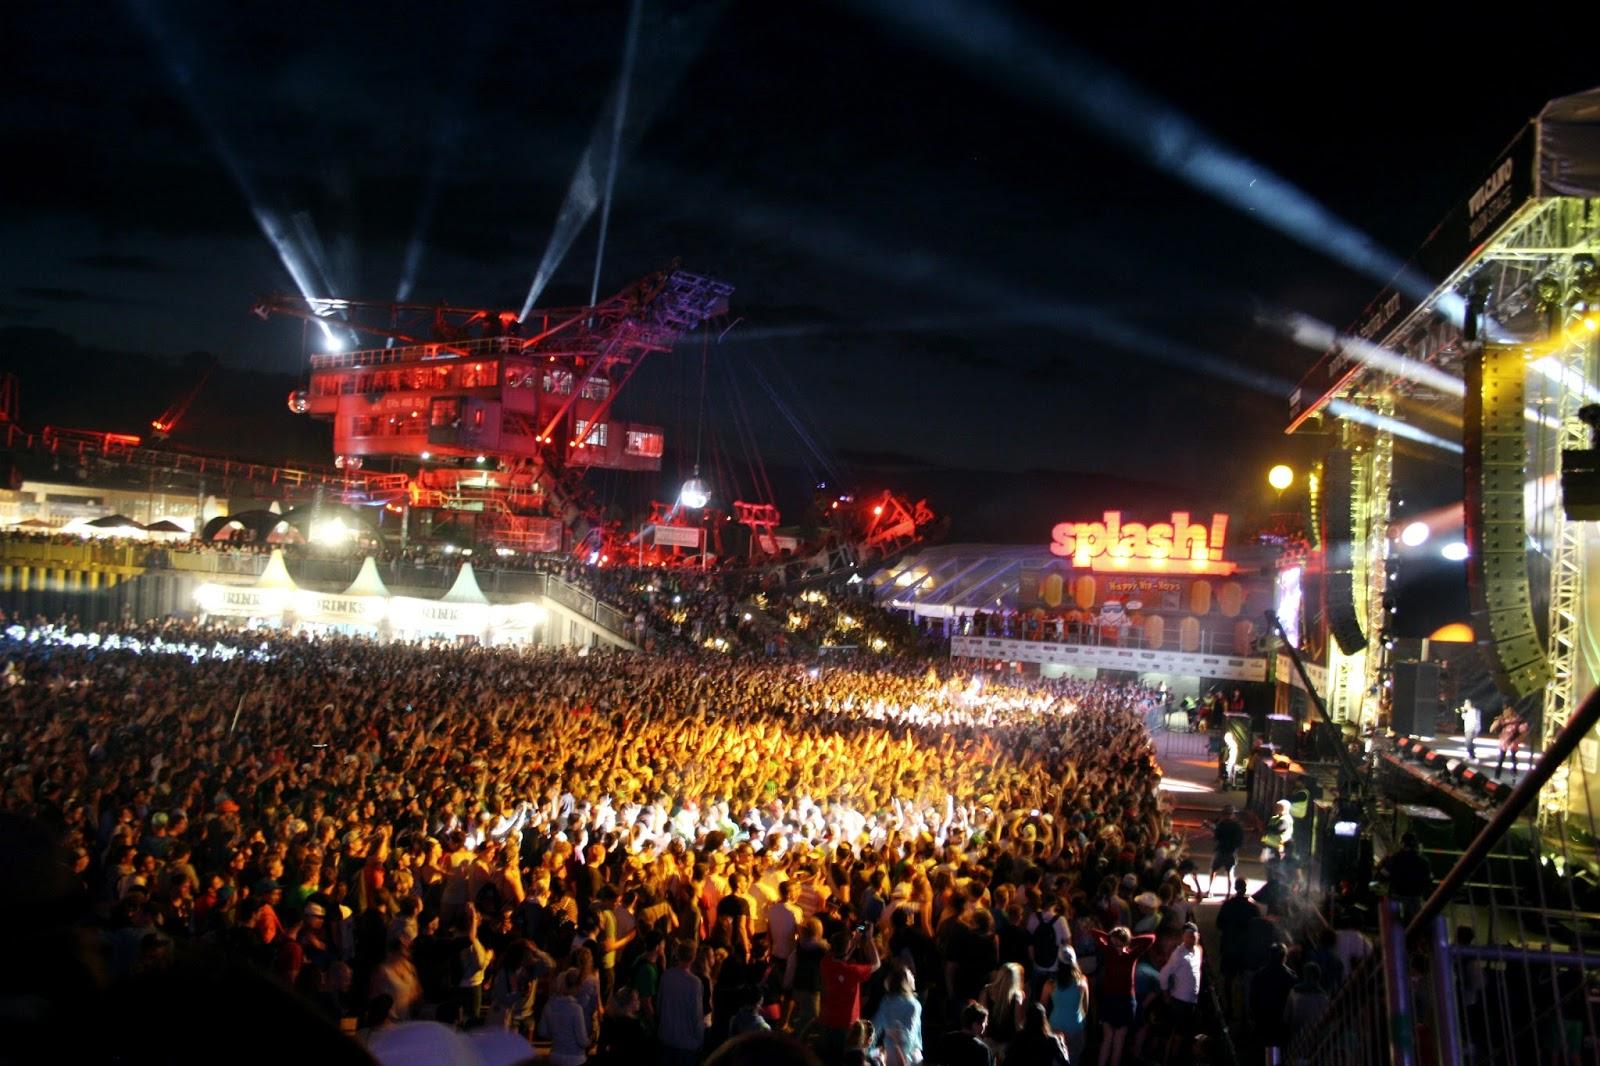 Festival Splash